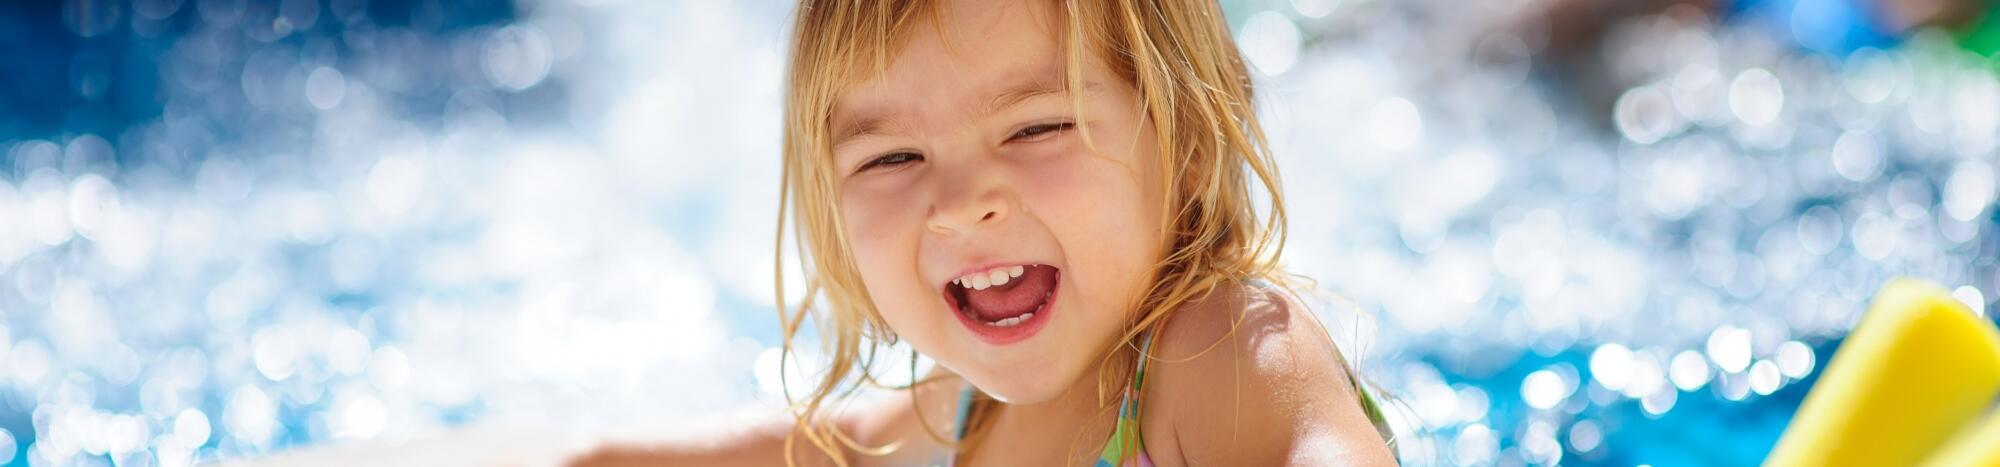 Offre Début Juin Rimini All Inclusive - Spécial Familles